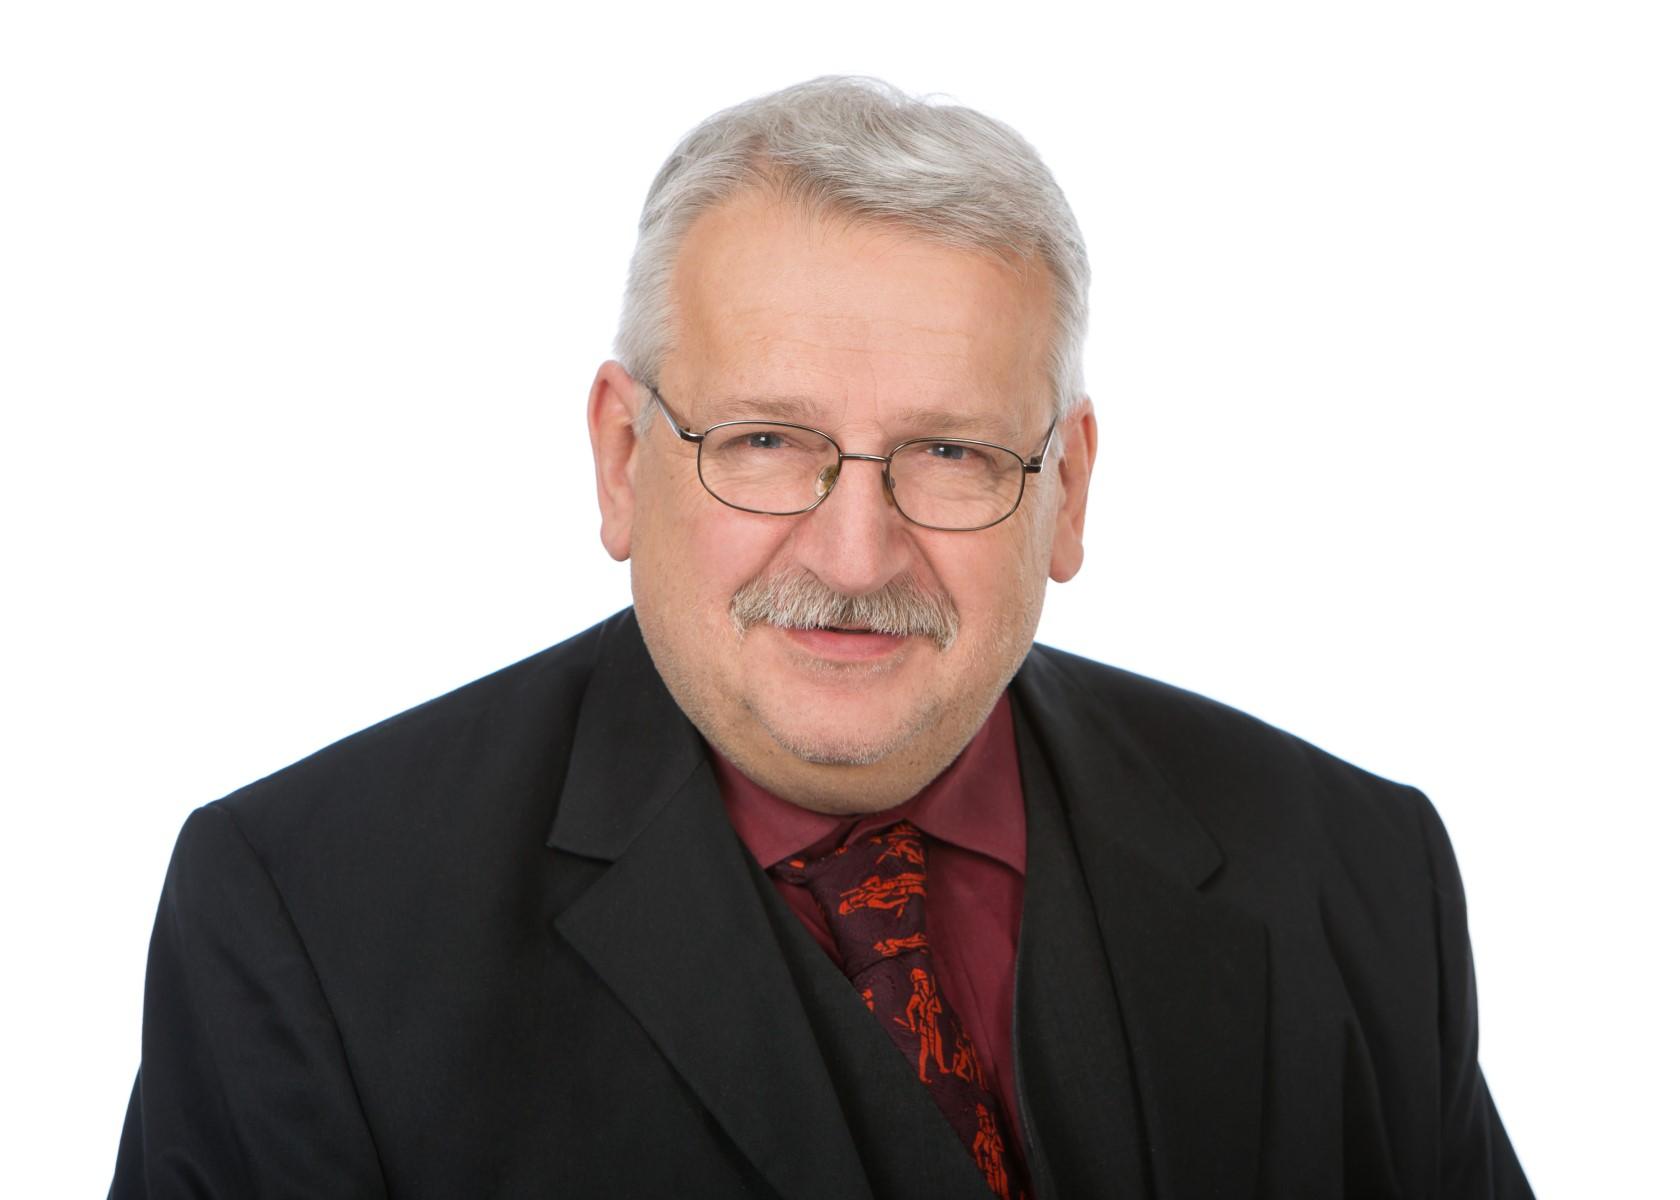 Erich Sczepanski BfP